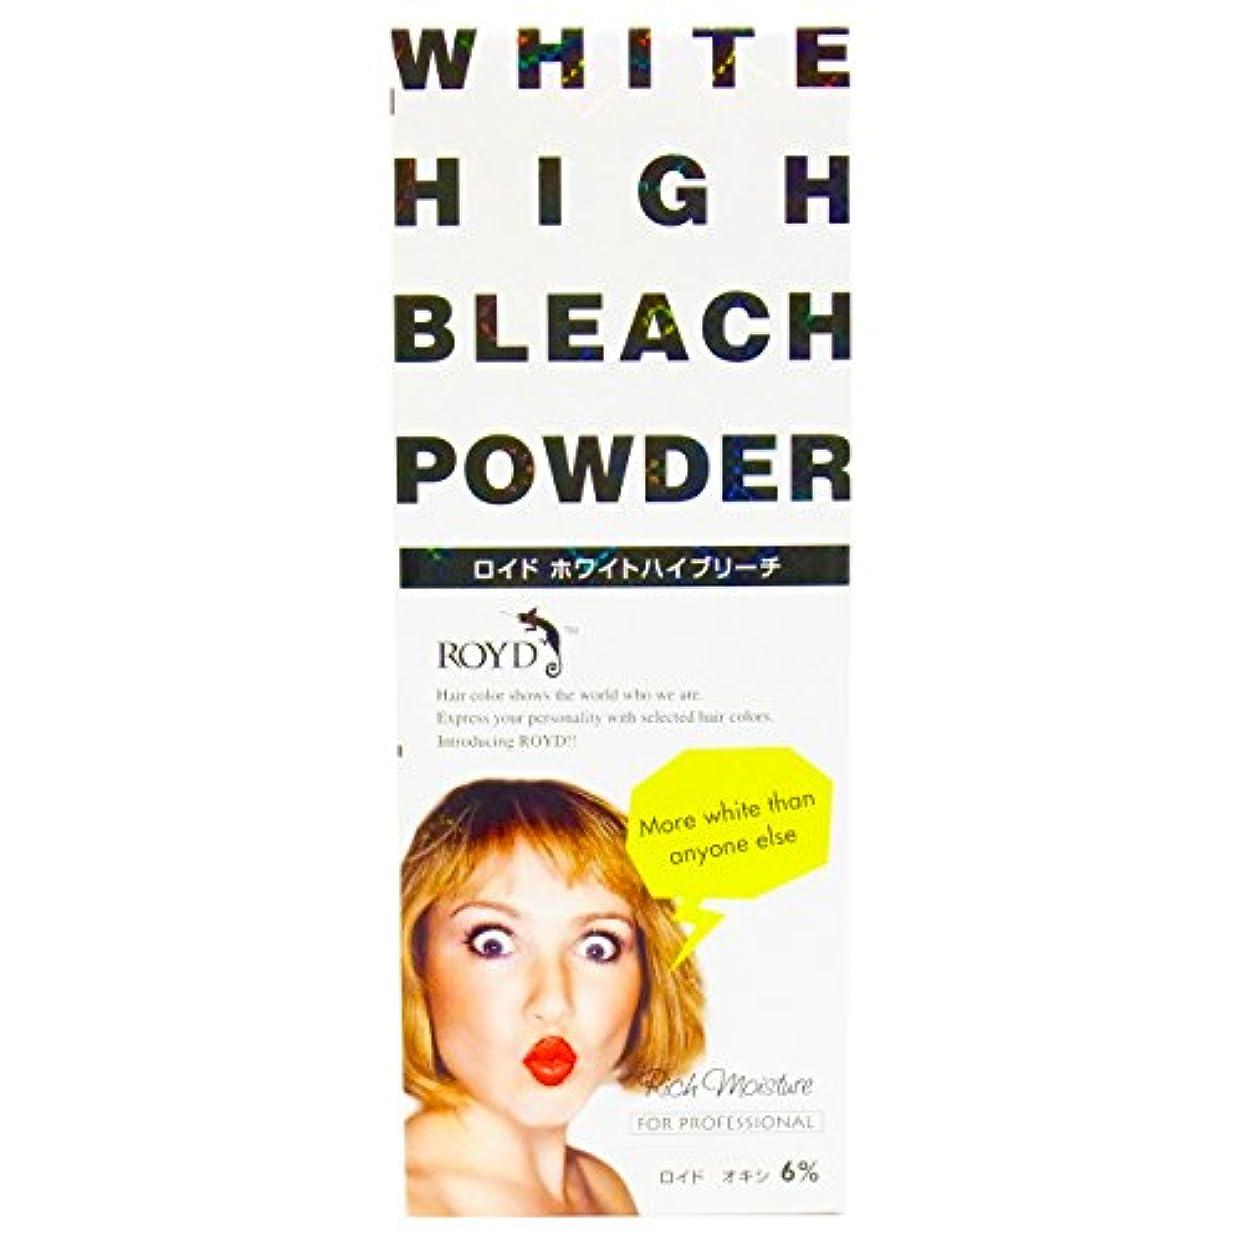 ペチュランス徐々にボックスロイド ホワイトハイブリーチパウダー & ロイドオキシ 6% (30g + 90mL)